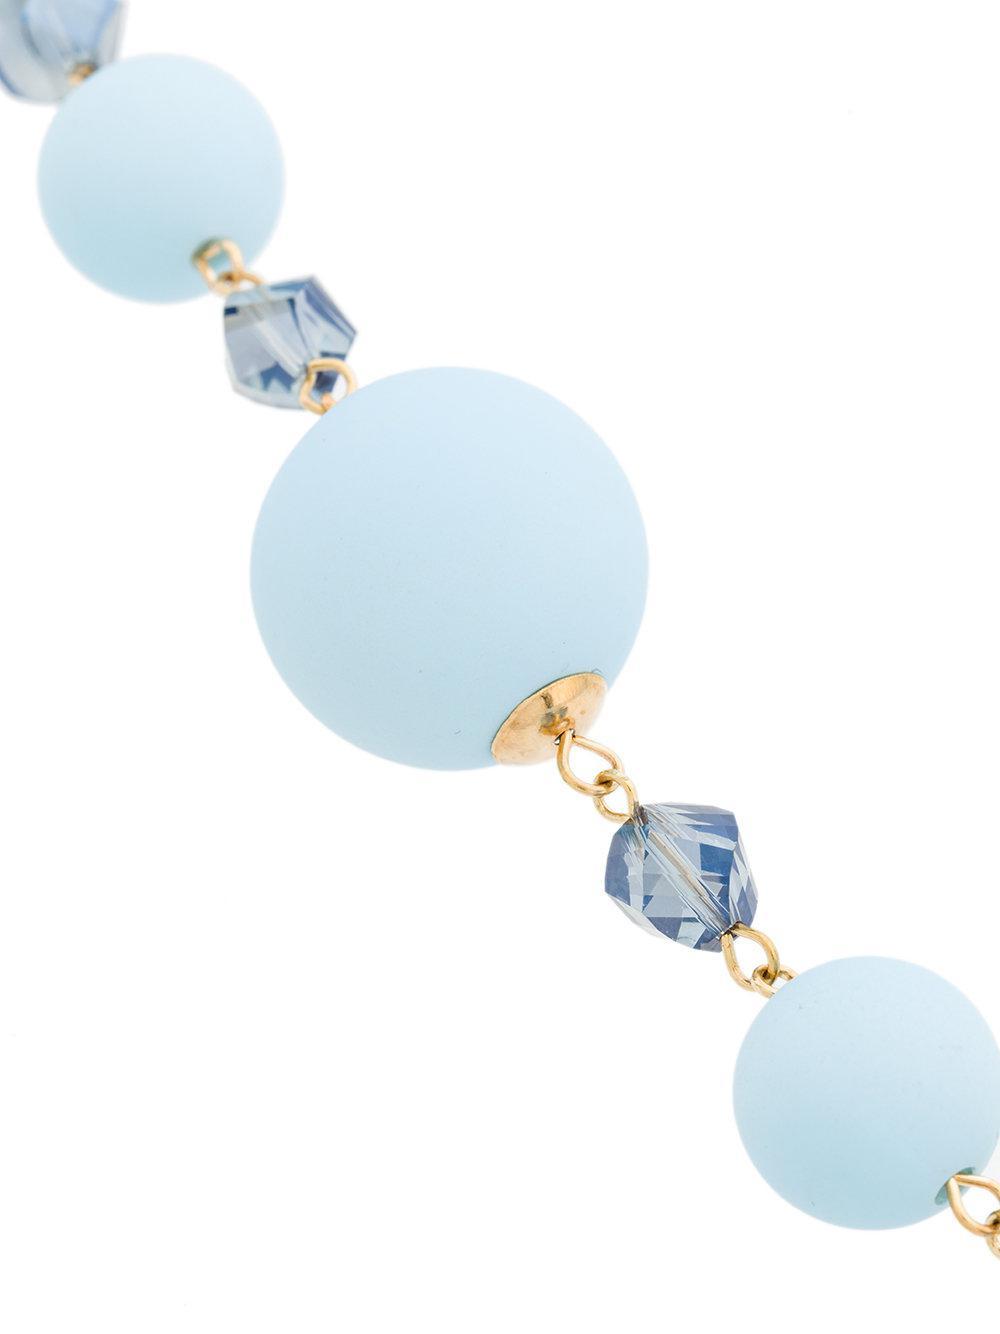 Edward Achour Paris Long Pearl Necklace in Blue